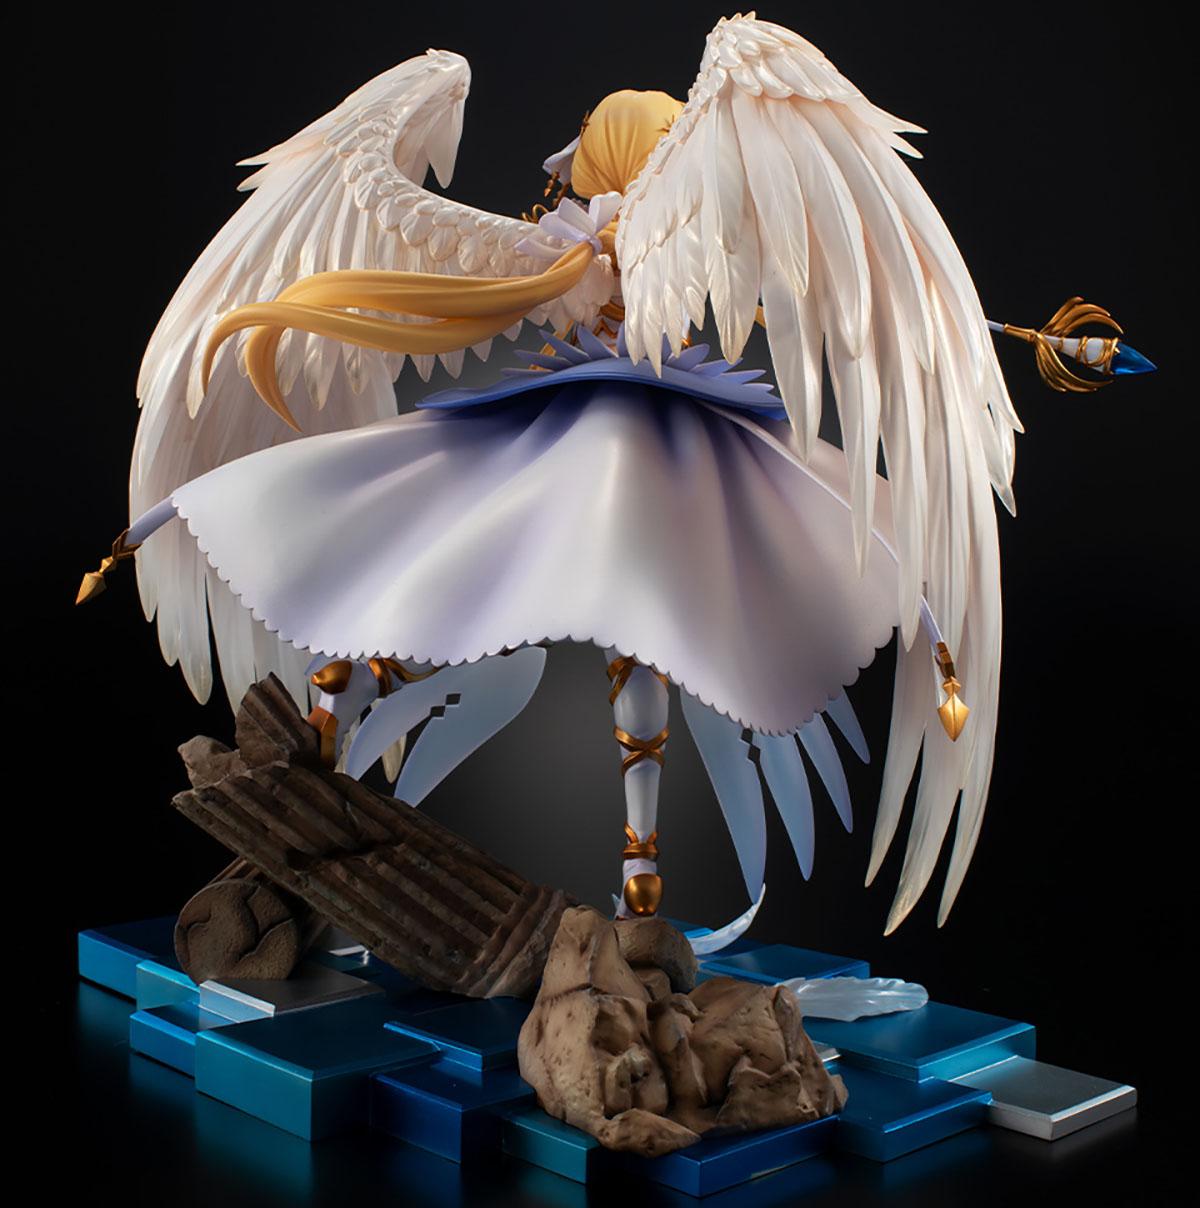 【限定販売】ソードアート・オンライン『アリス -光輝の天使Ver-』1/7 完成品フィギュア-008